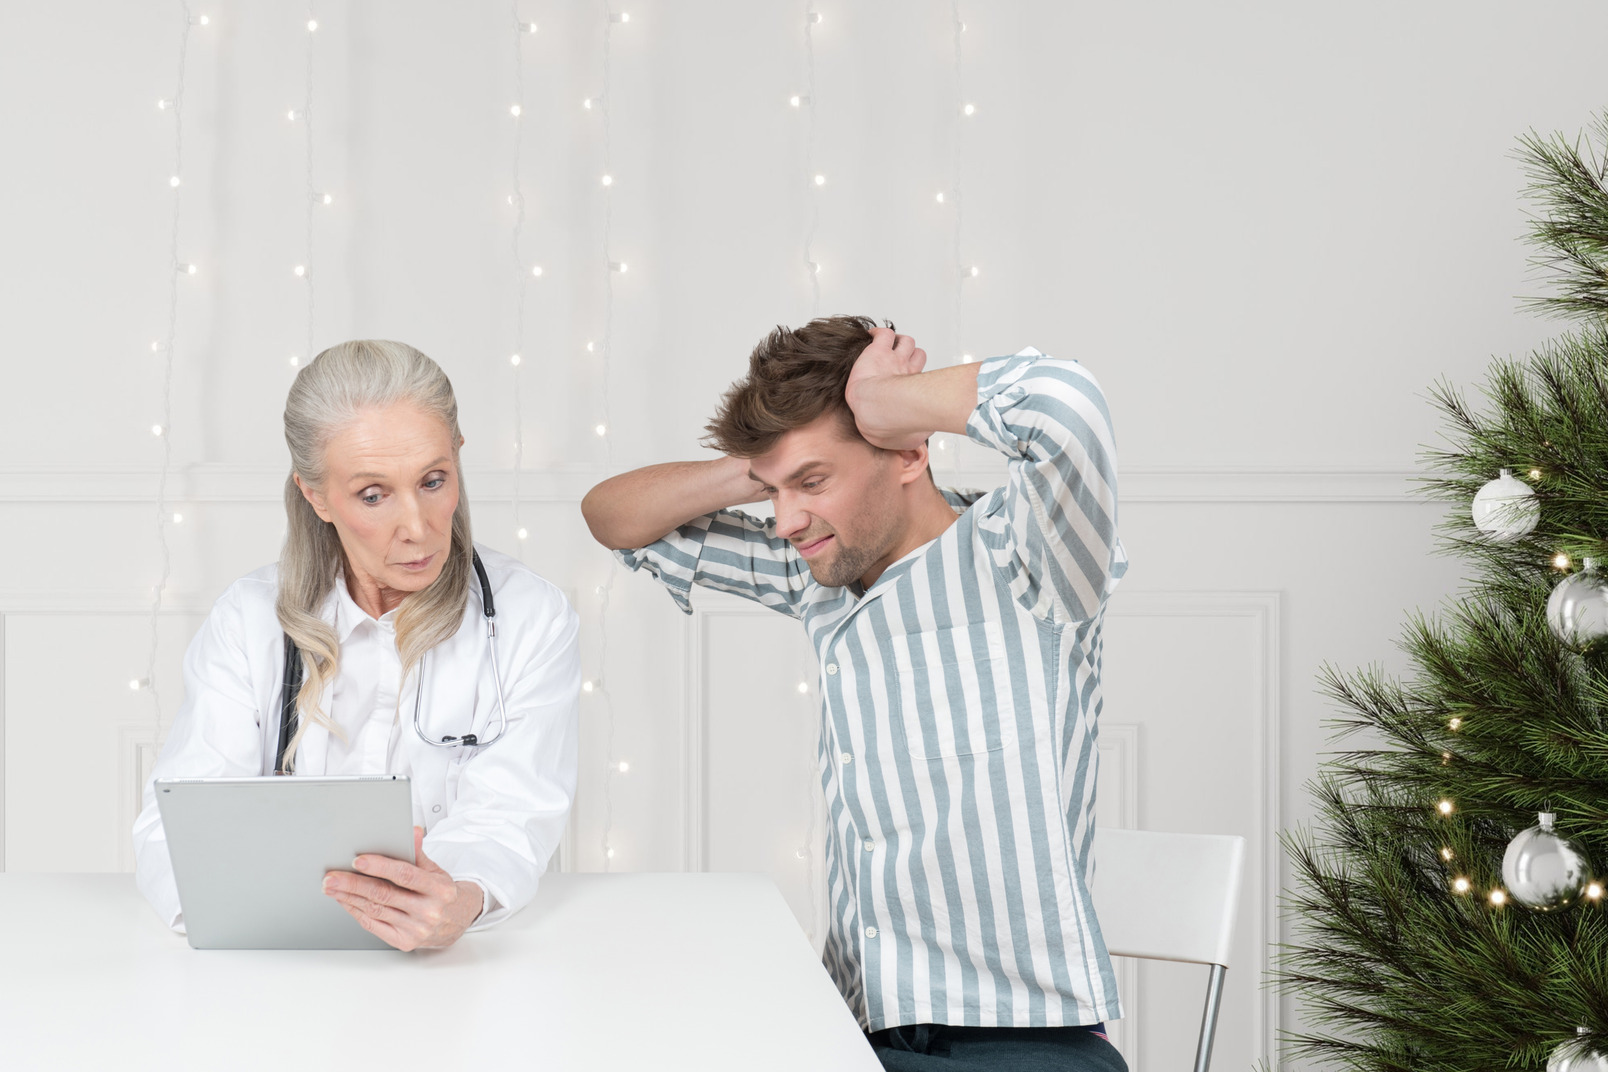 Mann, der sich weigert, auf die weihnachtsgeschenkliste seiner mutter zu hören